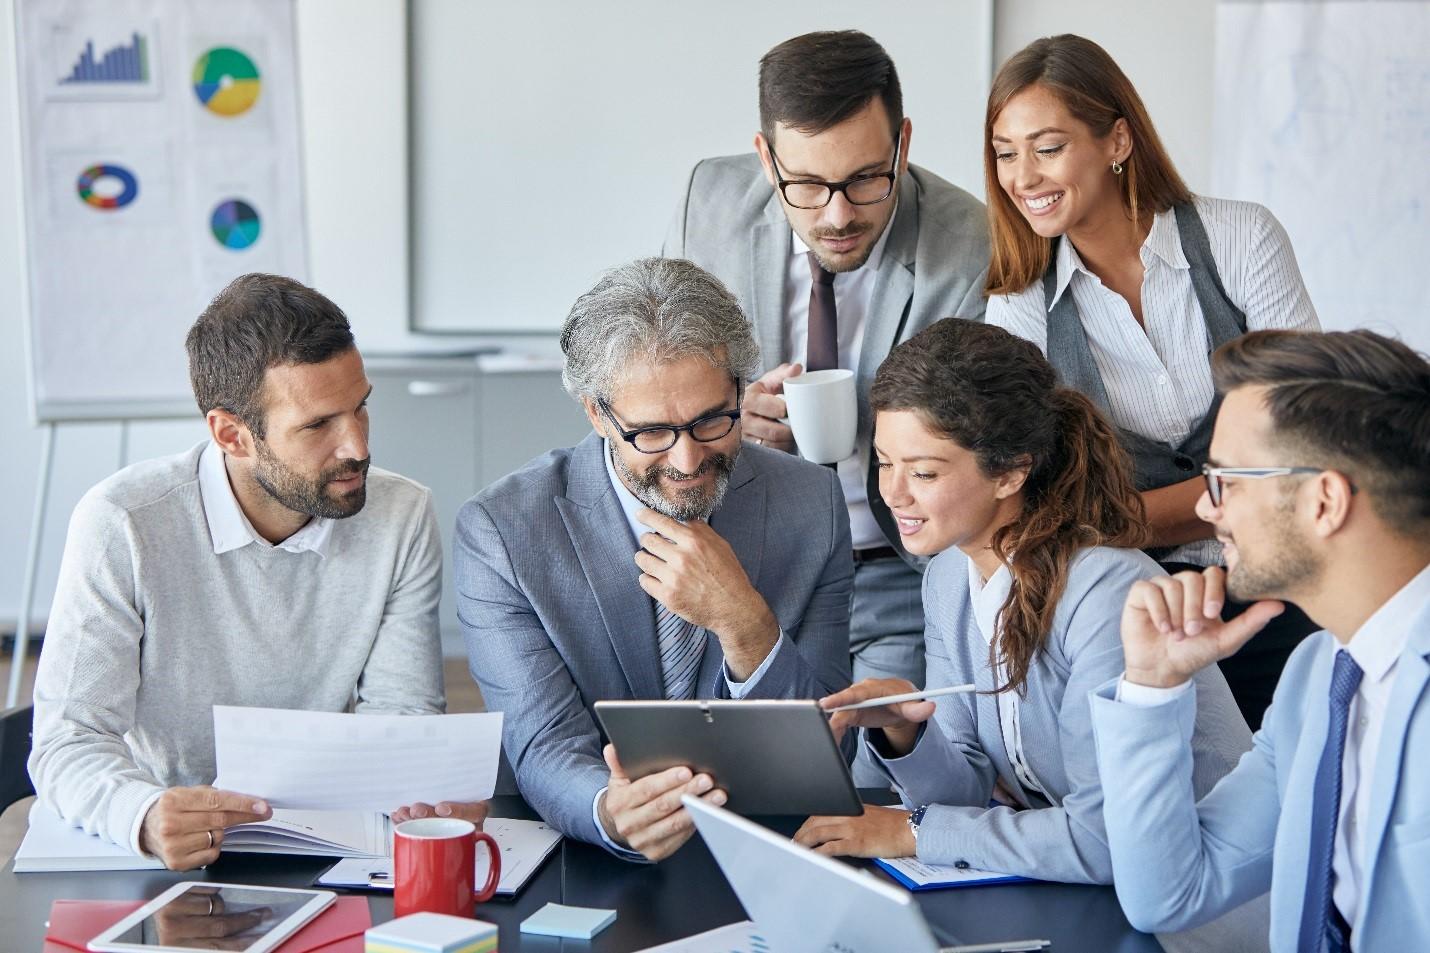 Ngân sách thấp, các doanh nghiệp vừa & nhỏ nên đọc ngay 15 cách gắn kết nhân viên này!